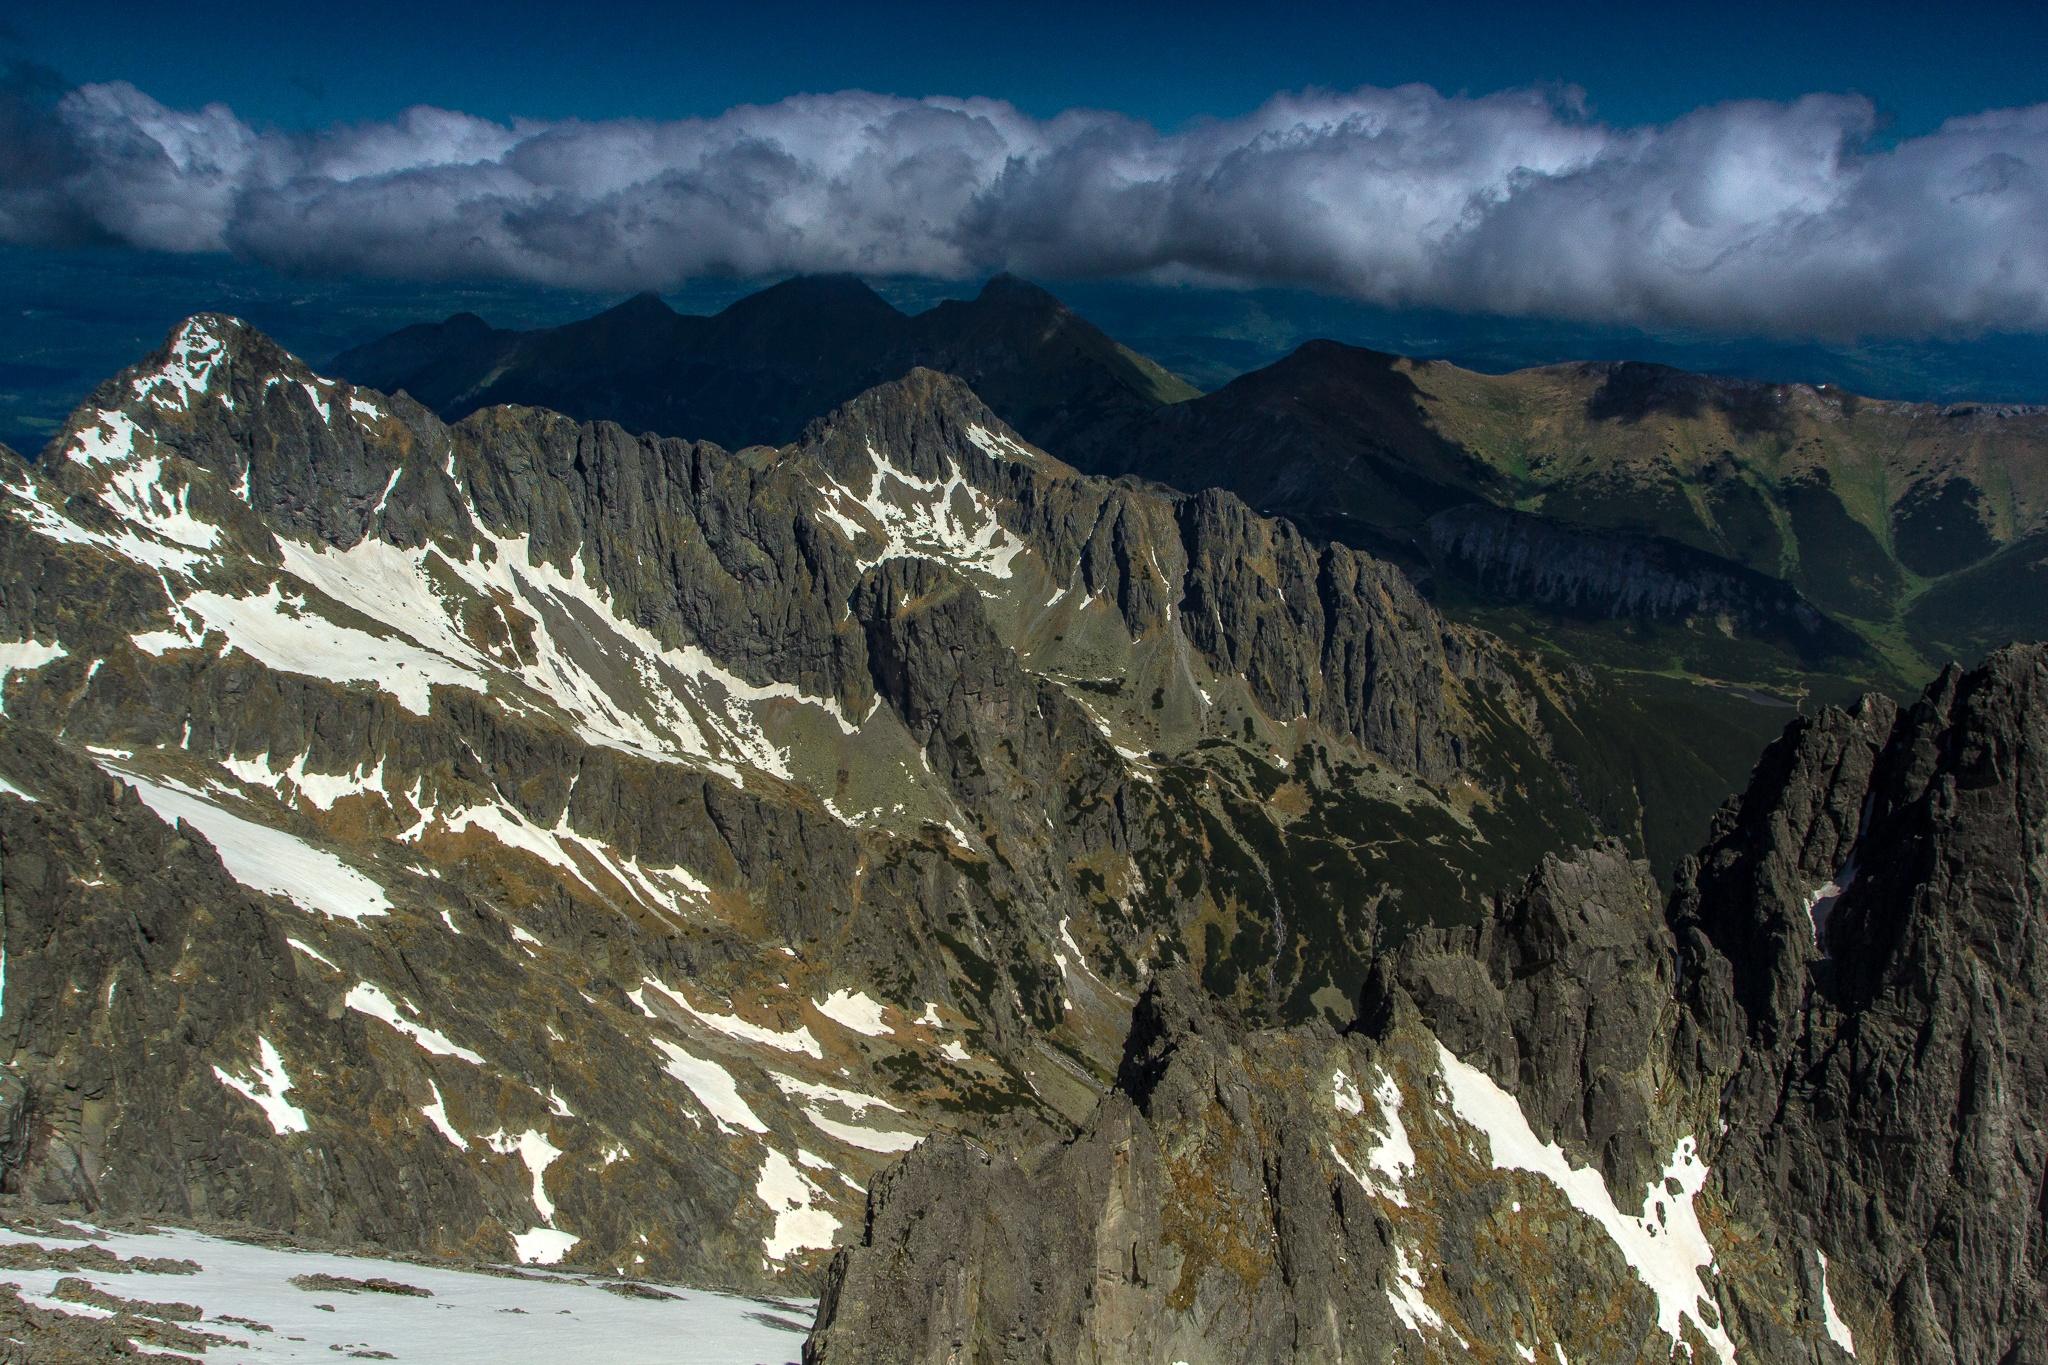 Mountain view by Håkan Liljenberg